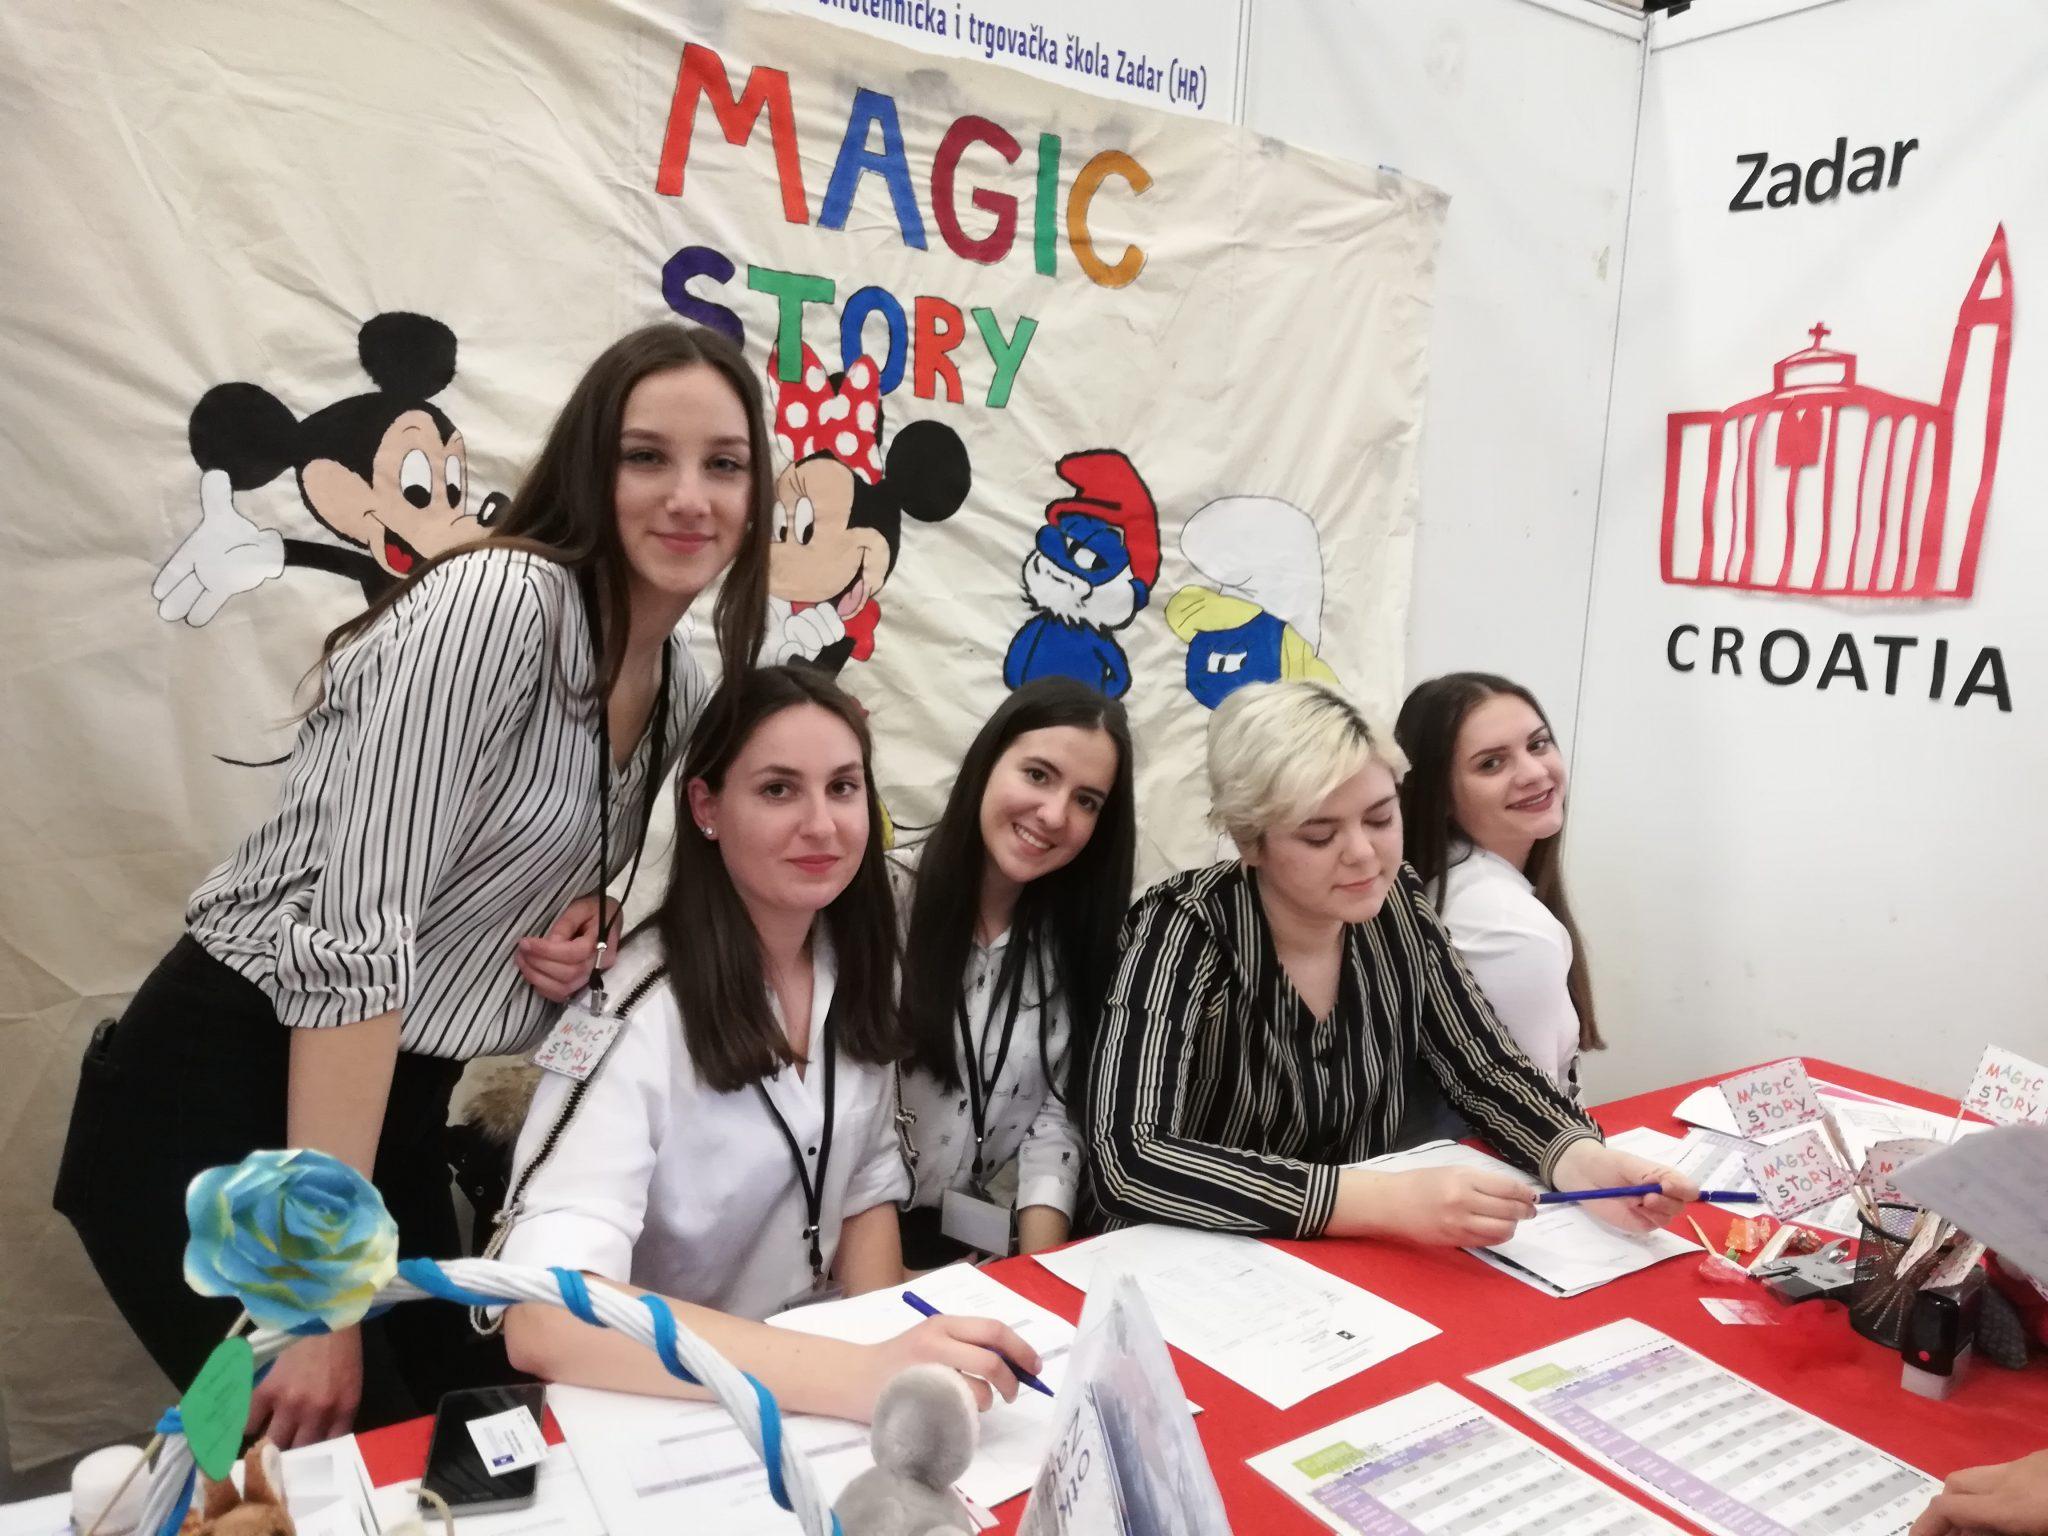 """Vježbenička tvrtka naše škole """" Magic story d.o.o. Zadar"""" sudjelovala na  13. Međunarodnom sajmu Vježbeničkih tvrtki u Celju – Slovenija"""